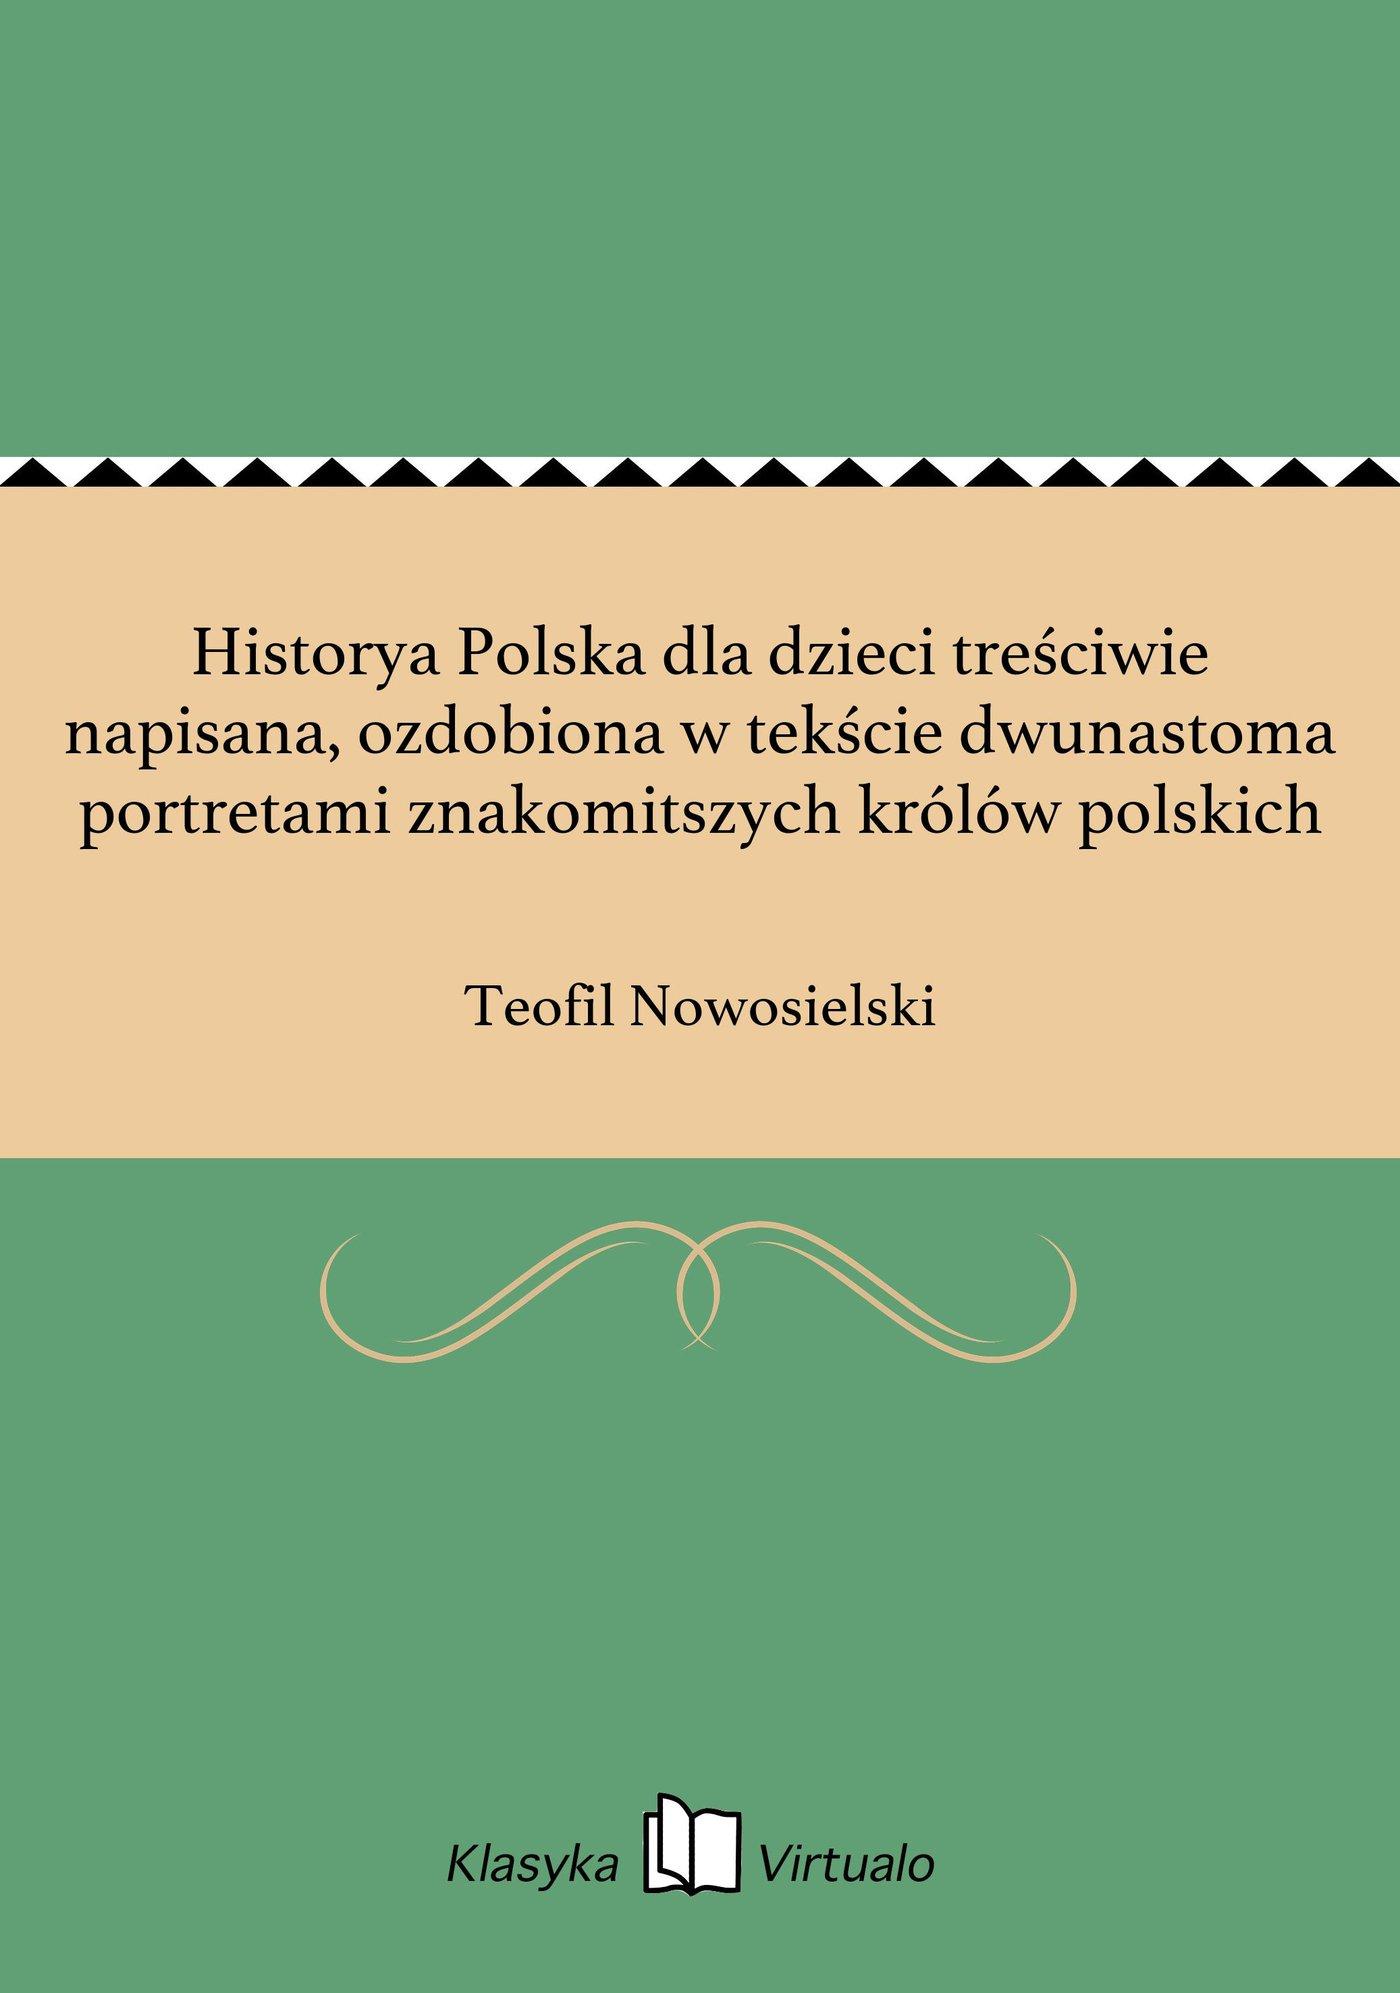 Historya Polska dla dzieci treściwie napisana, ozdobiona w tekście dwunastoma portretami znakomitszych królów polskich - Ebook (Książka EPUB) do pobrania w formacie EPUB